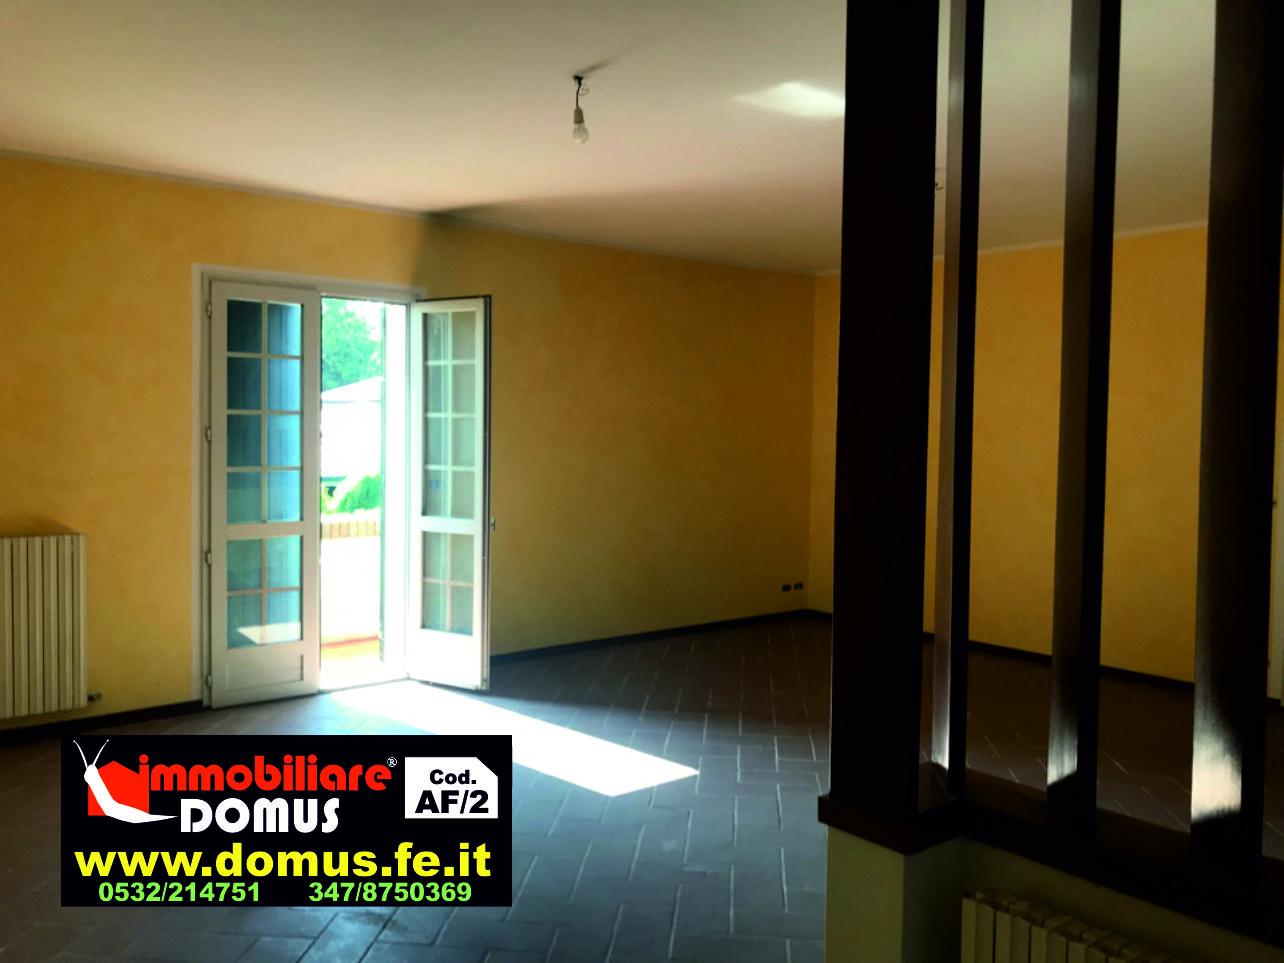 Appartamento in affitto a Ro, 6 locali, prezzo € 600 | CambioCasa.it